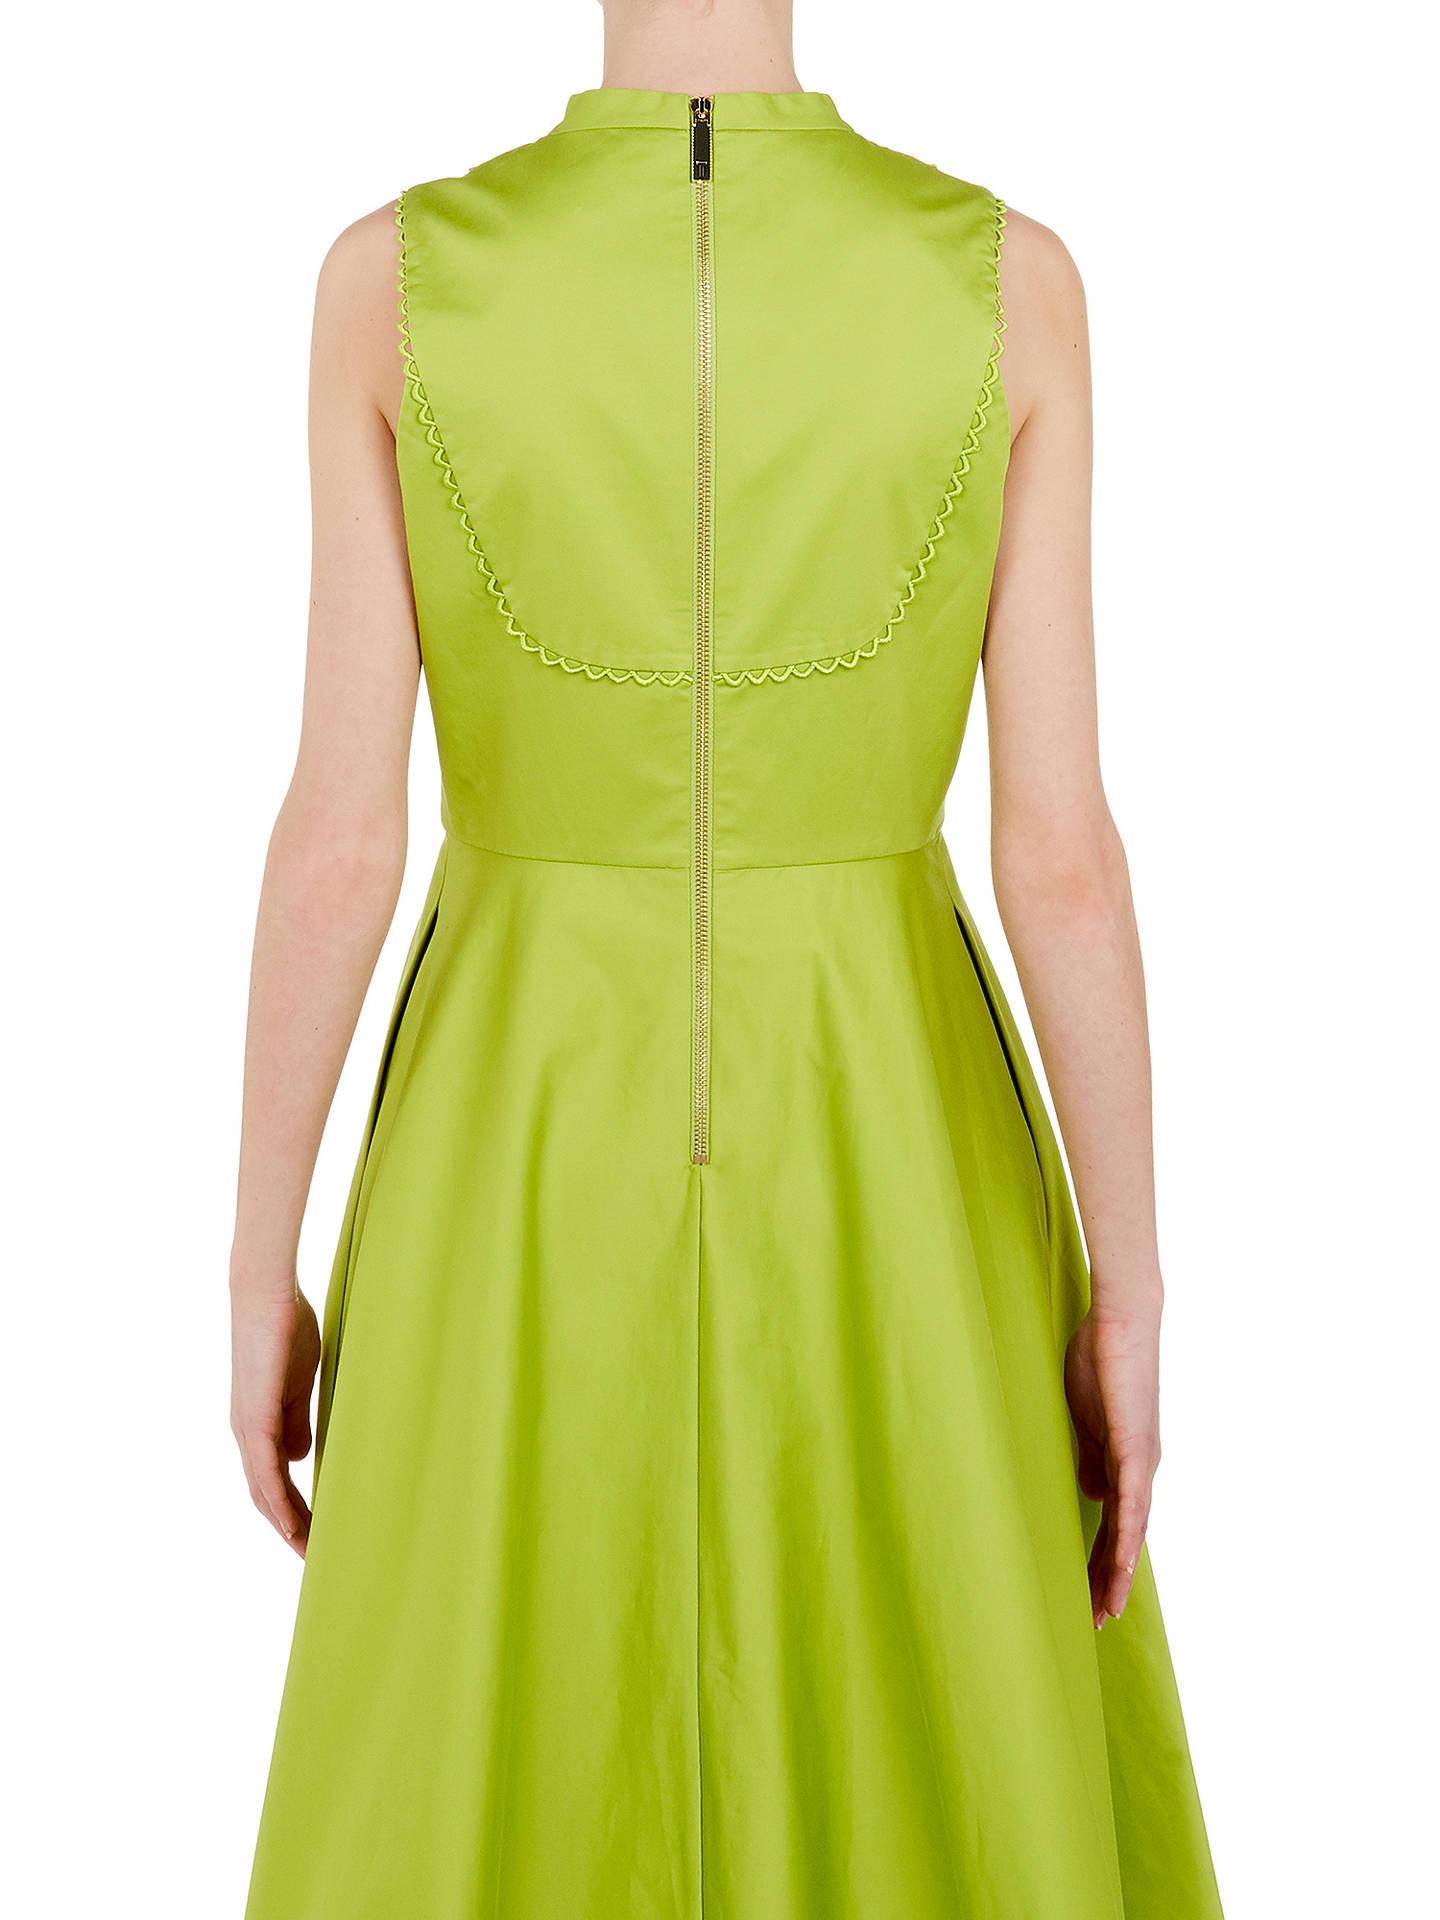 3efaa36d38328c ... Buy Ted Baker Lace Trim Bib Dress